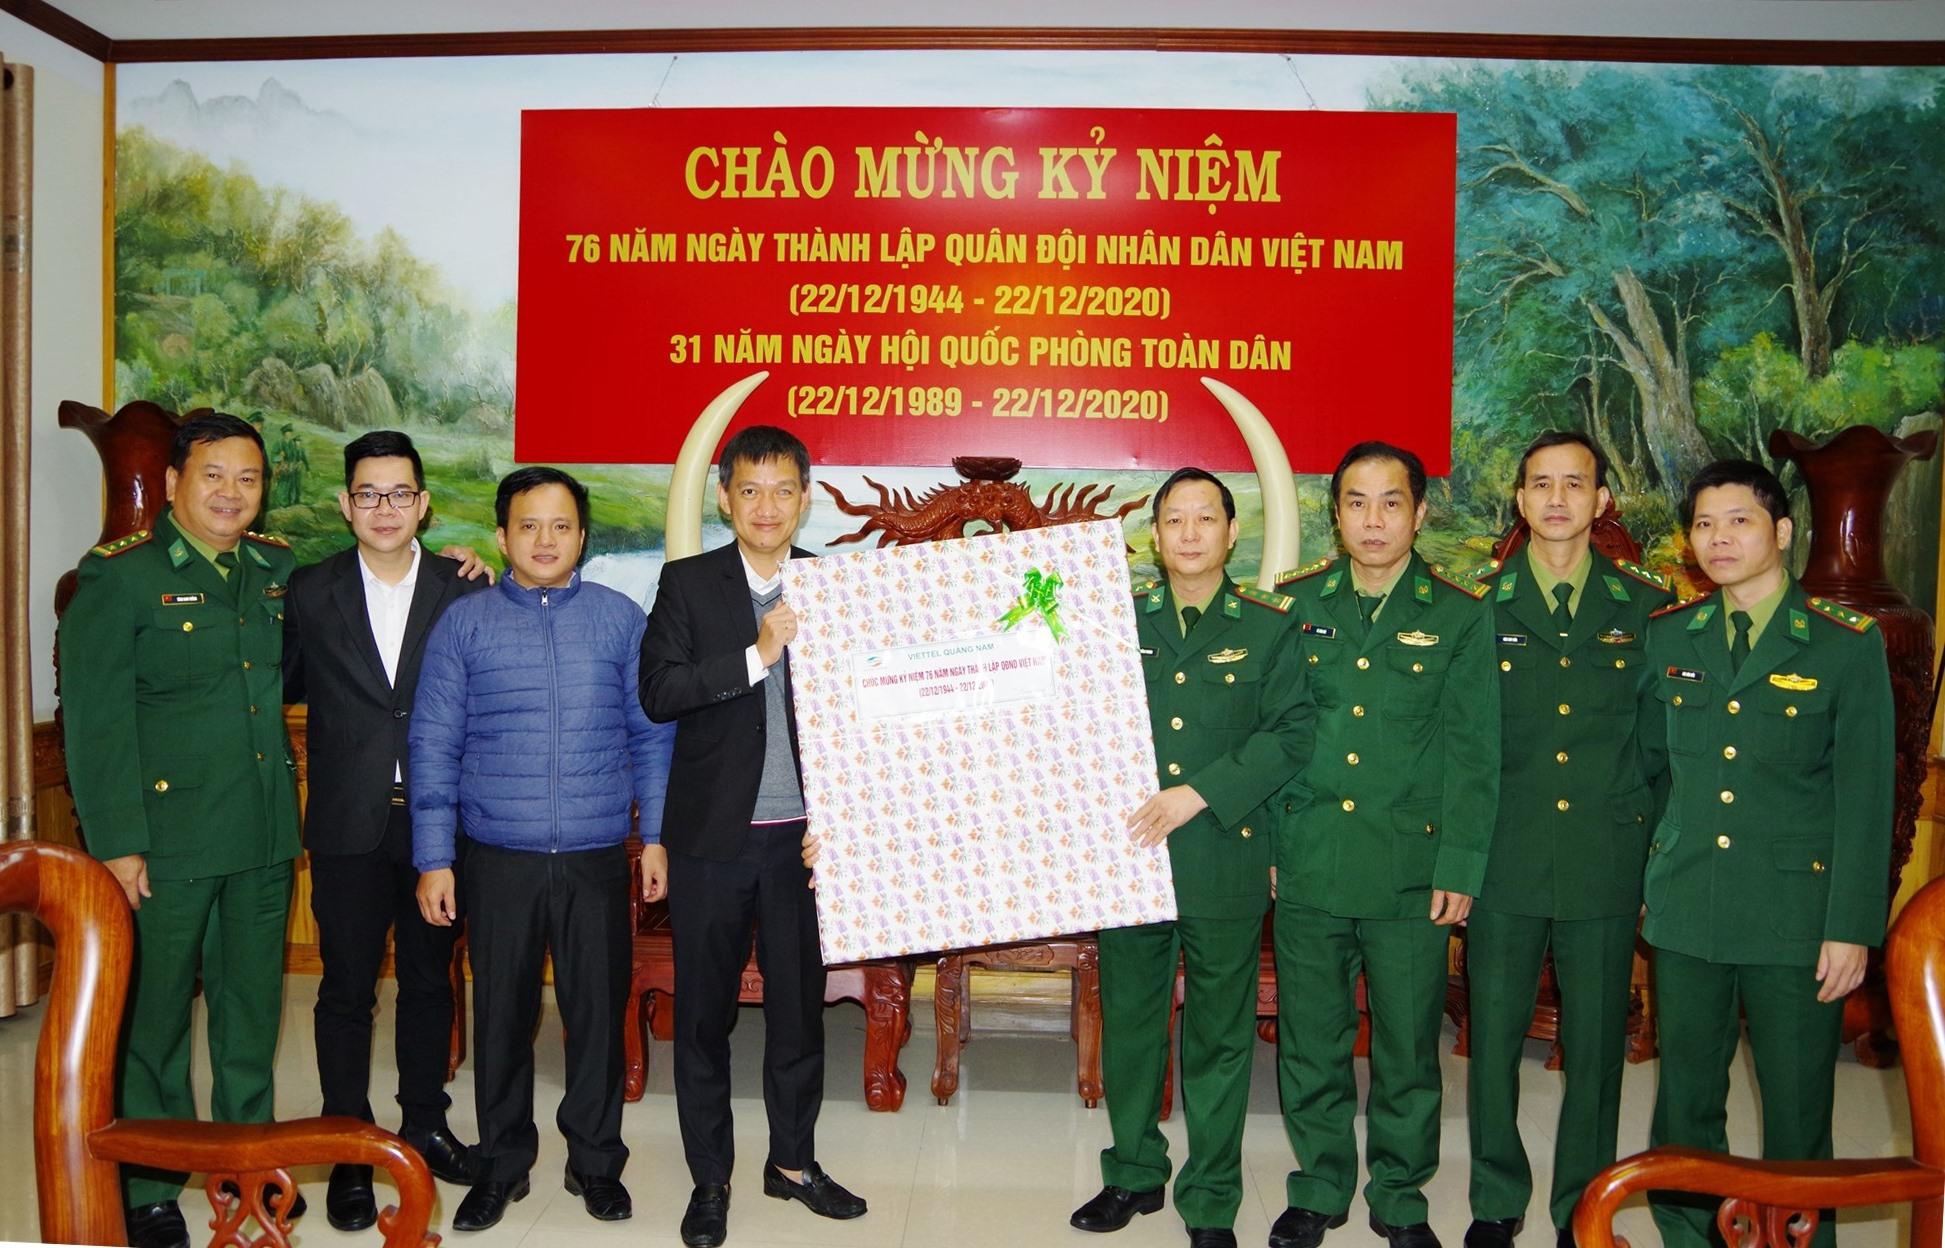 Viettel Quảng Nam chúc mừng Bộ đội Biên phòng tỉnh nhân dịp 22.12. Ảnh: HỒNG ANH